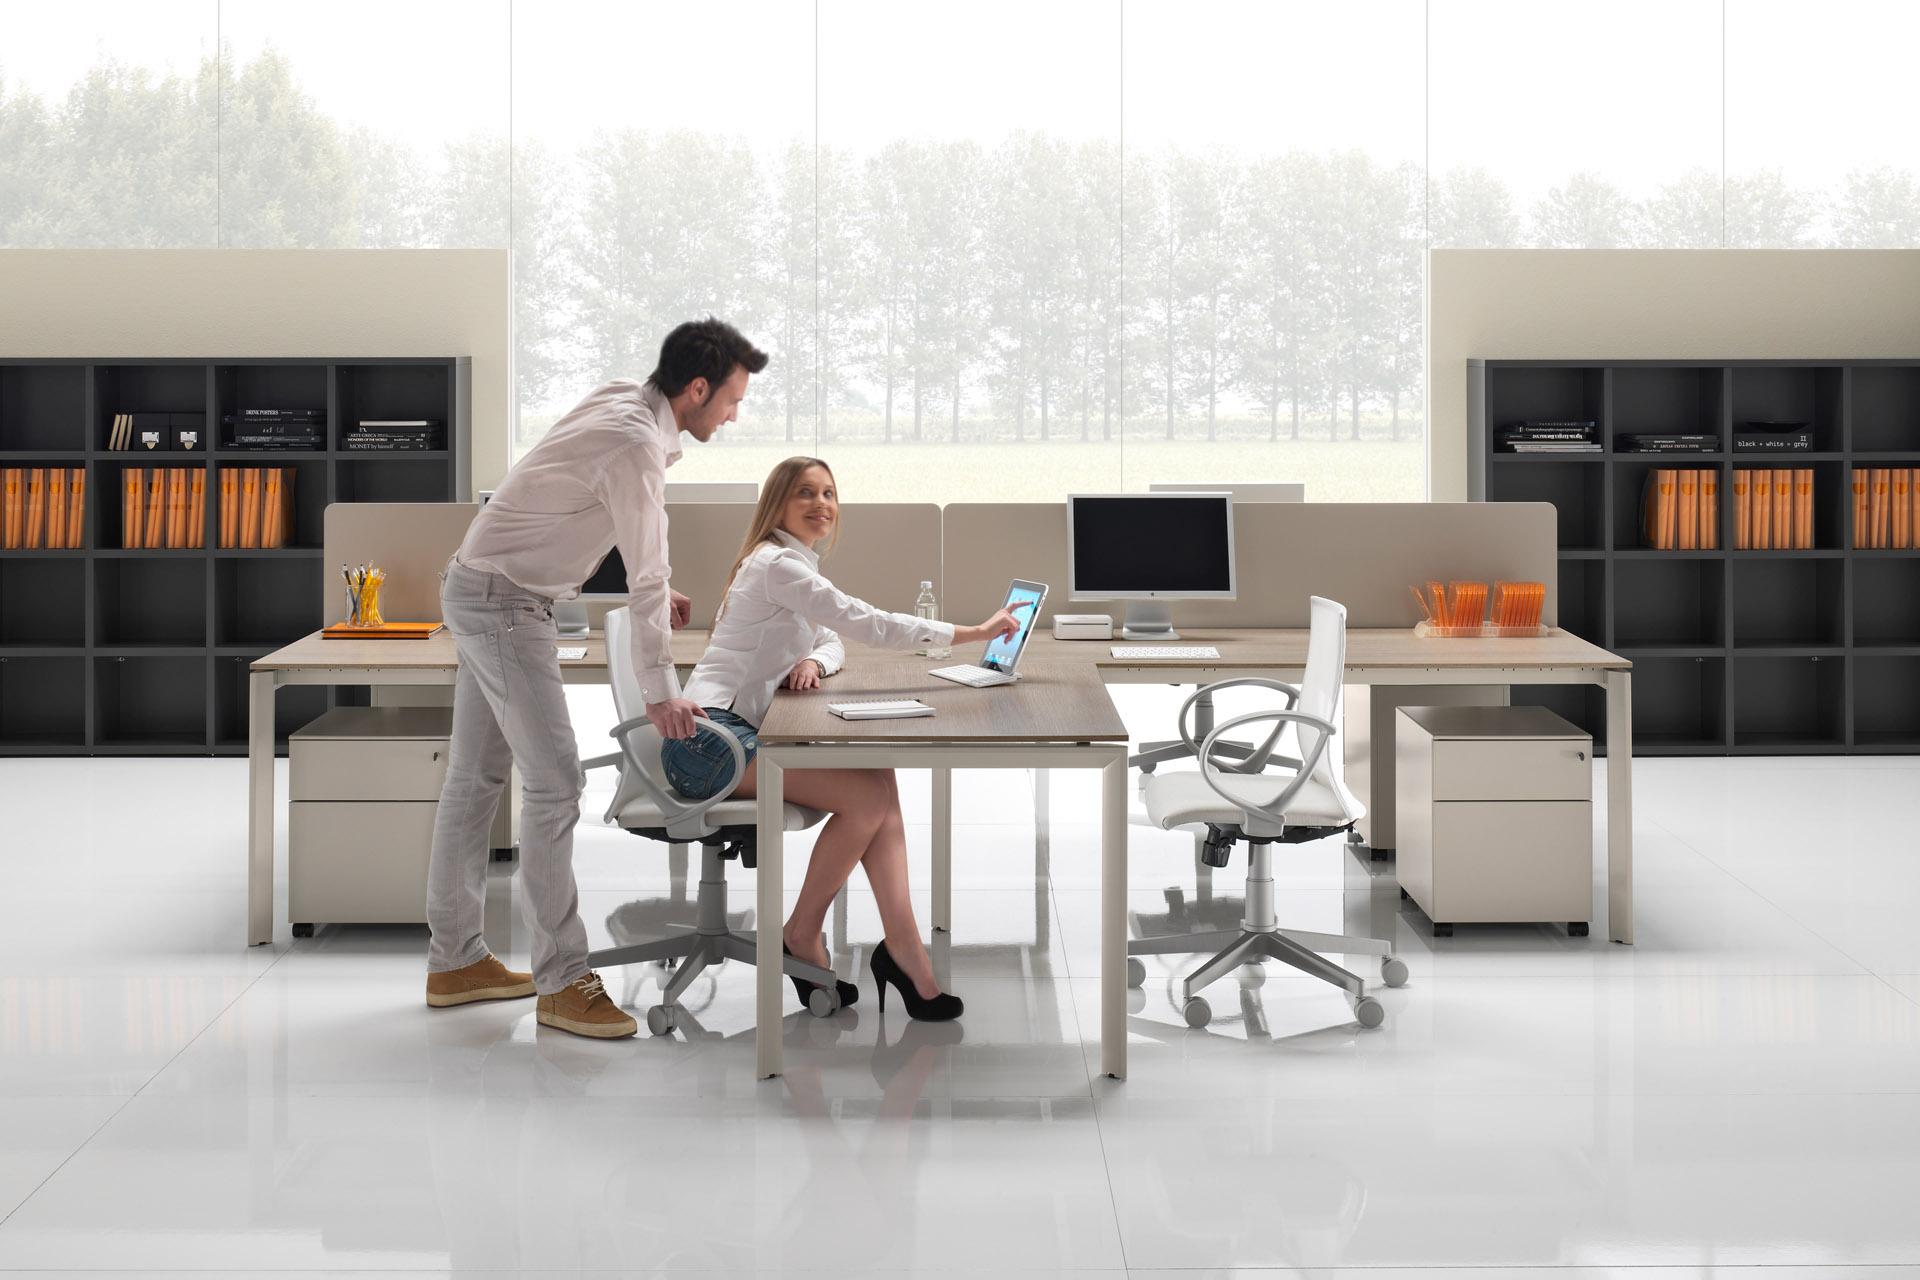 Li Per Ufficio : Rendi più confortevole l ufficio per i tuoi dipendenti scegliendo